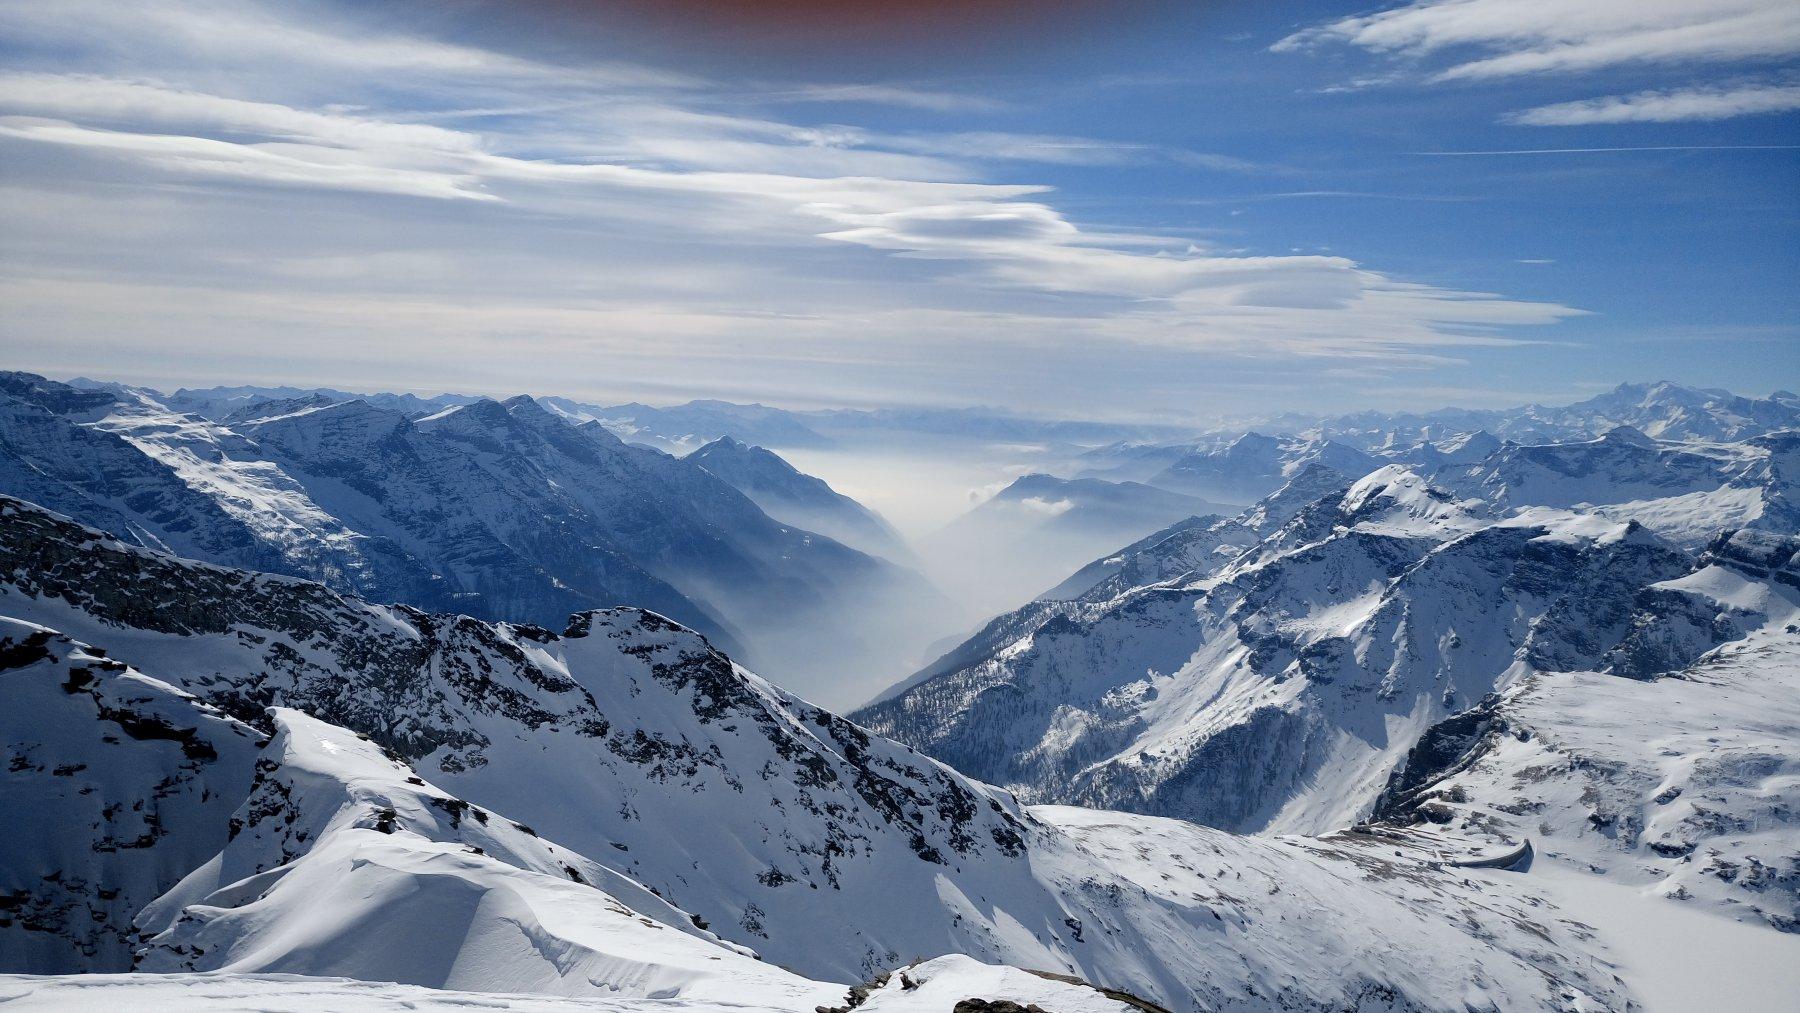 Dalla cima guardando a valle